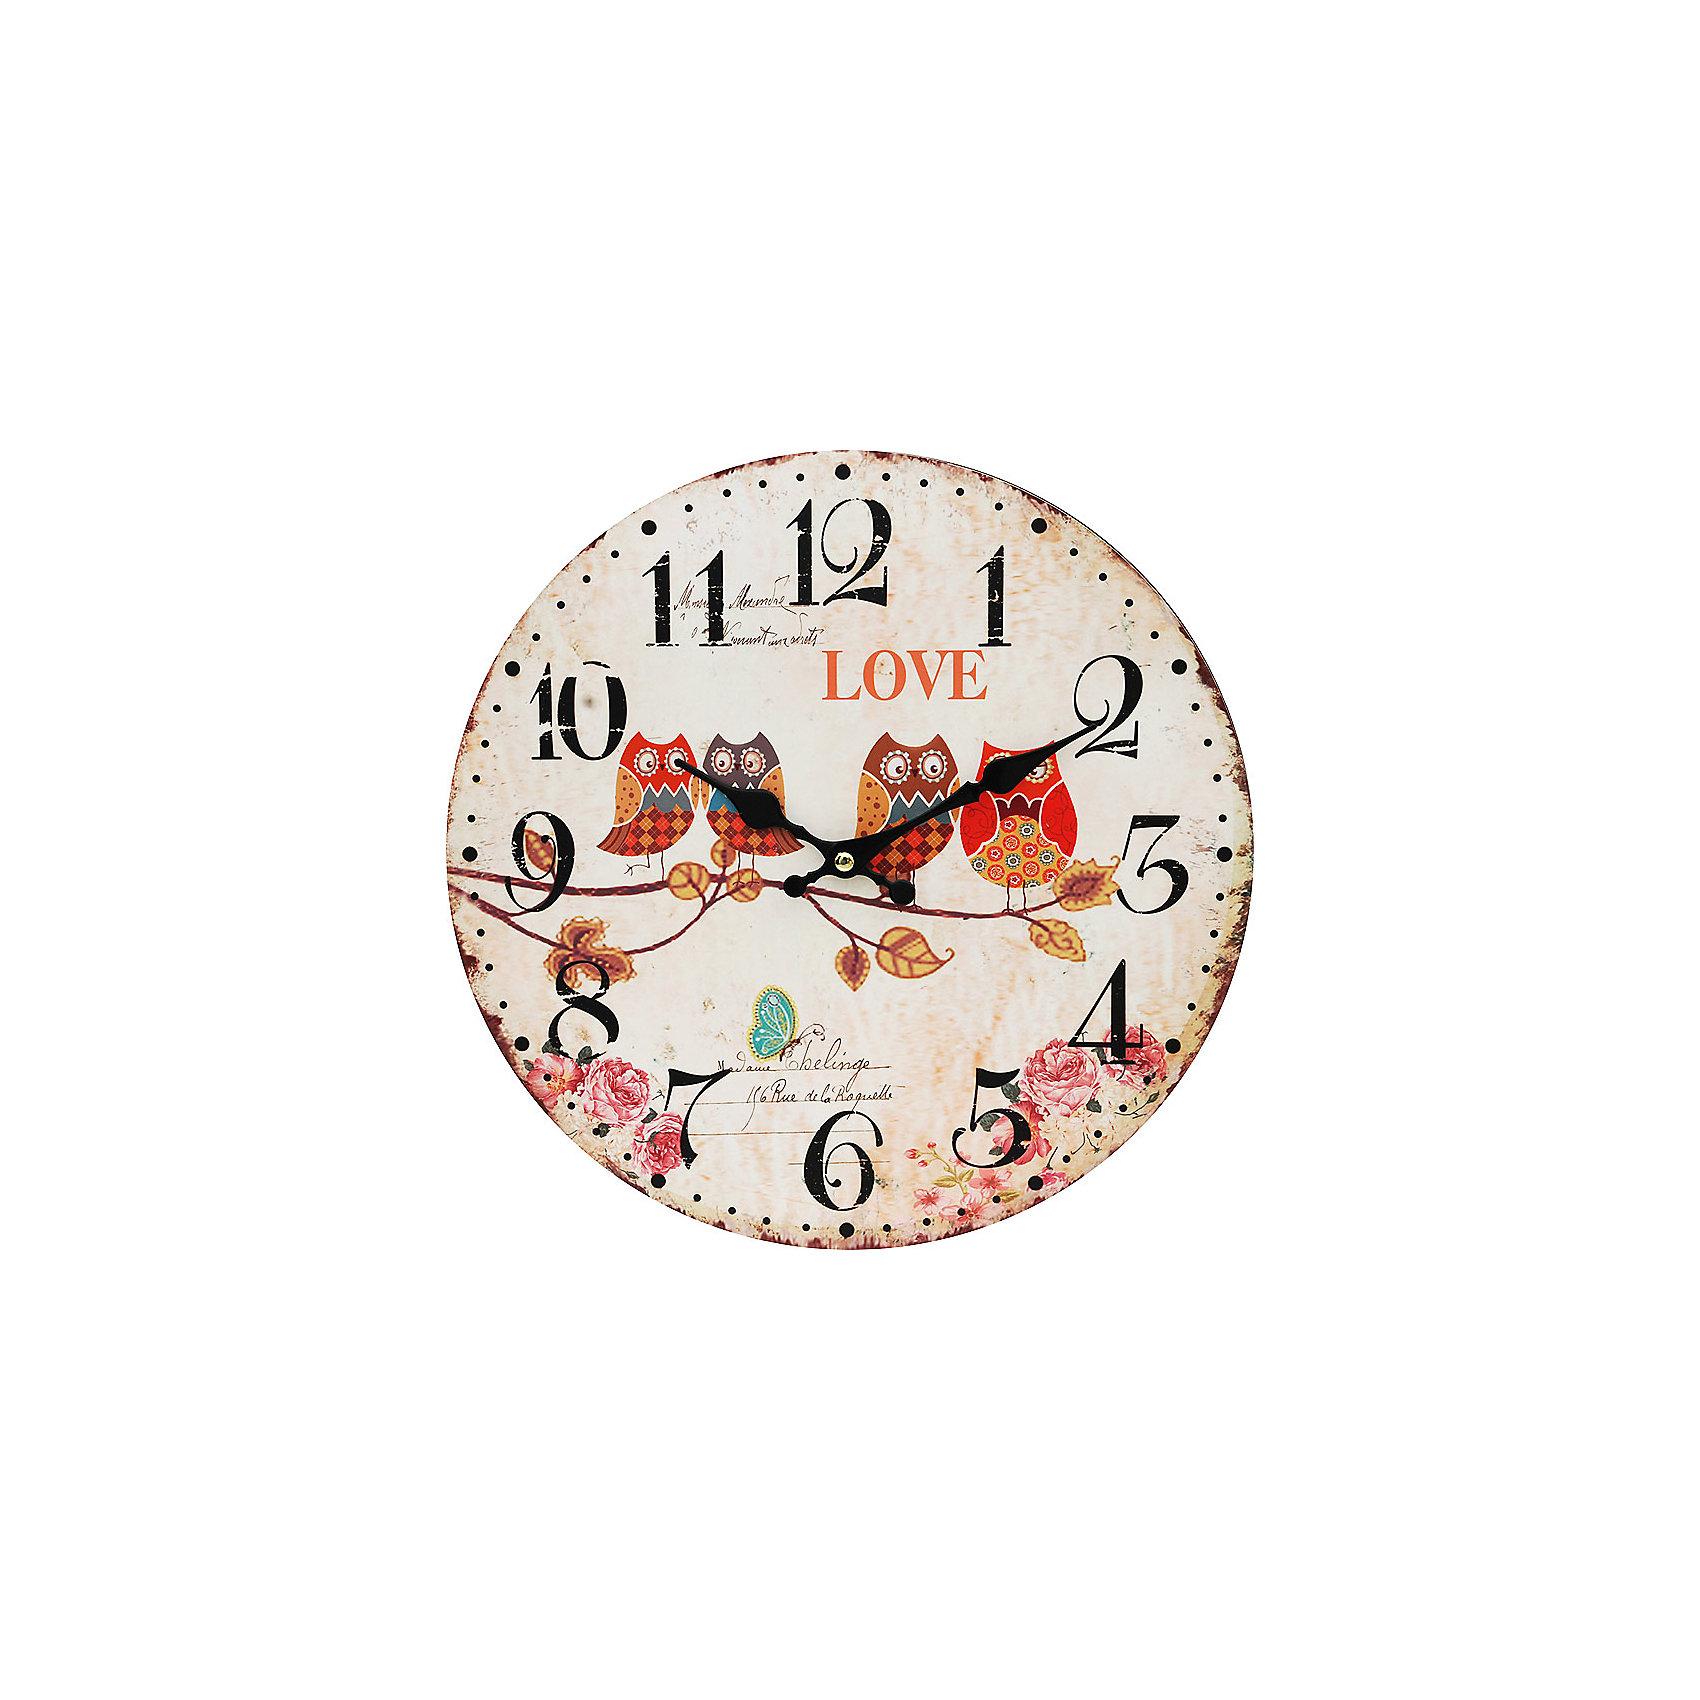 Часы настенные Совы на ветке, диаметр 34 смЧасы настенные Совы на ветке, диаметр 34 см.<br><br>Характеристики:<br><br>- Диаметр: 34 см.<br>- Две стрелки часовая и минутная<br>- Батарейка: 1 типа АА (в комплект не входит)<br>- Упаковка картонная коробка<br><br>Кварцевые настенные часы с механизмом плавного хода помимо своего прямого назначения – показывать точное время – станут важным элементом декора Вашего дома, квартиры или офиса. Открытый циферблат часов выполнен из листа оргалита с декоративным покрытием, оформлен изображением сов, сидящих на ветке. Часовая и минутная стрелки металлические. Часовой механизм закрыт пластиковым корпусом. Часы будут ярким акцентом в интерьере и создадут дополнительный уют и хорошее настроение.<br><br>Часы настенные Совы на ветке, диаметр 34 см можно купить в нашем интернет-магазине.<br><br>Ширина мм: 345<br>Глубина мм: 340<br>Высота мм: 45<br>Вес г: 2500<br>Возраст от месяцев: 72<br>Возраст до месяцев: 144<br>Пол: Унисекс<br>Возраст: Детский<br>SKU: 5089841